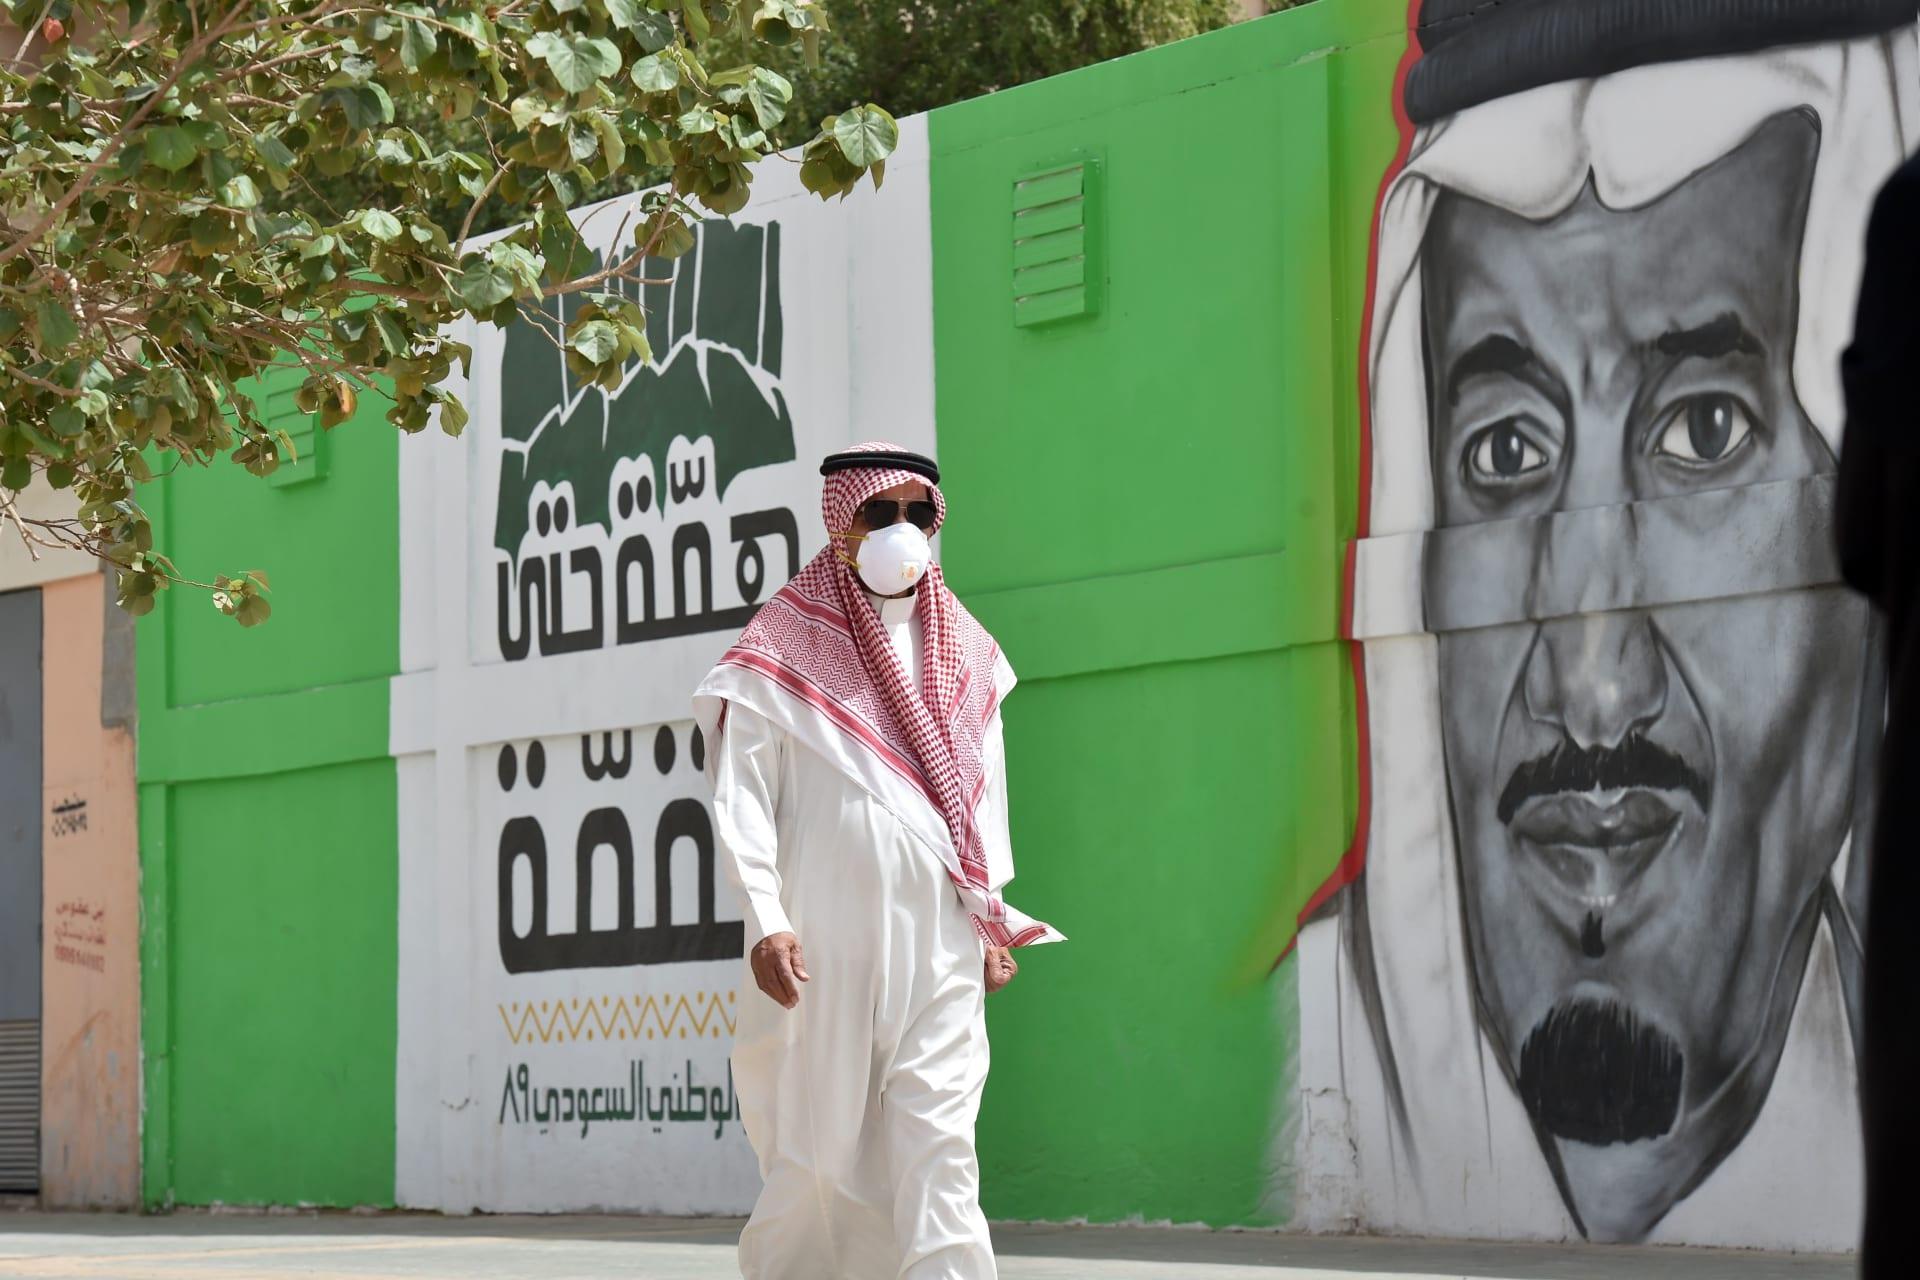 السعودية تسمح لمواطنيها وأسرهم ومرافقيهم بالعودة برا من 4 دول مجاورة